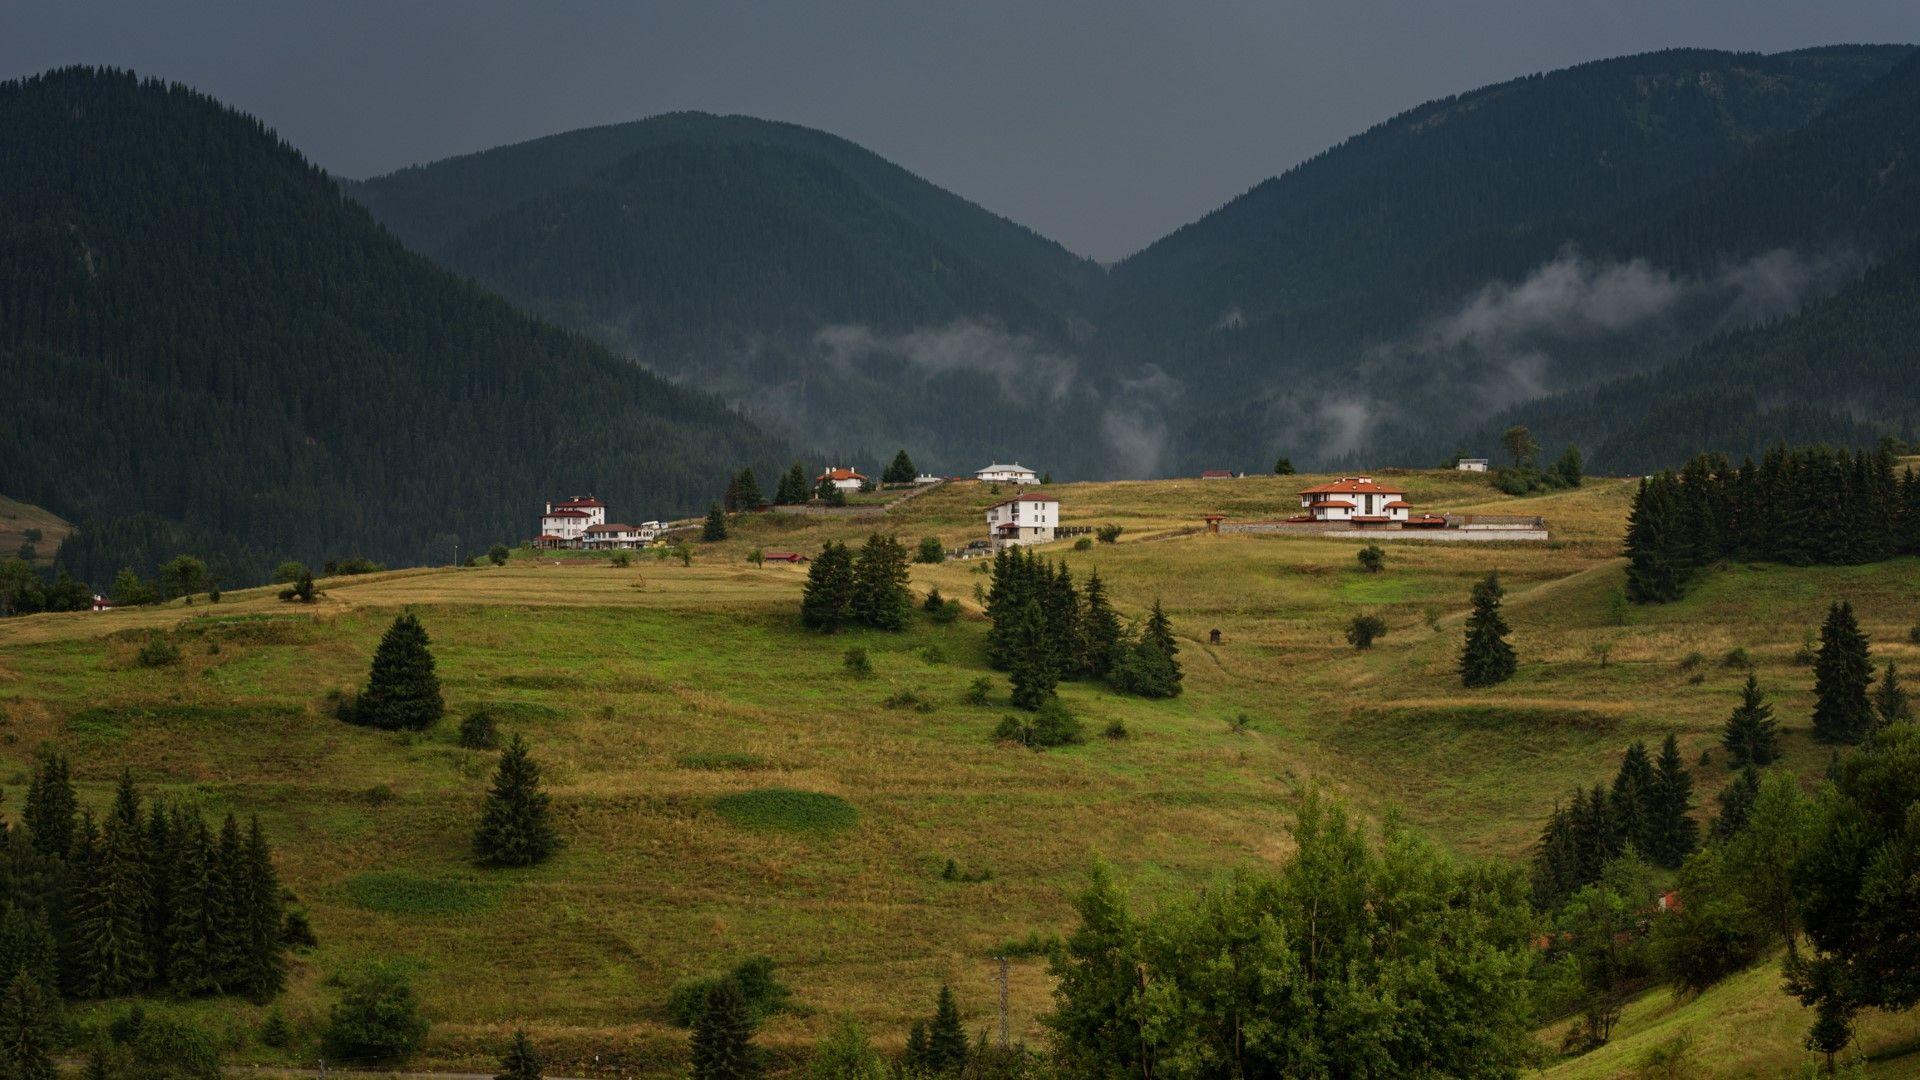 Село Гела след есенен дъжд